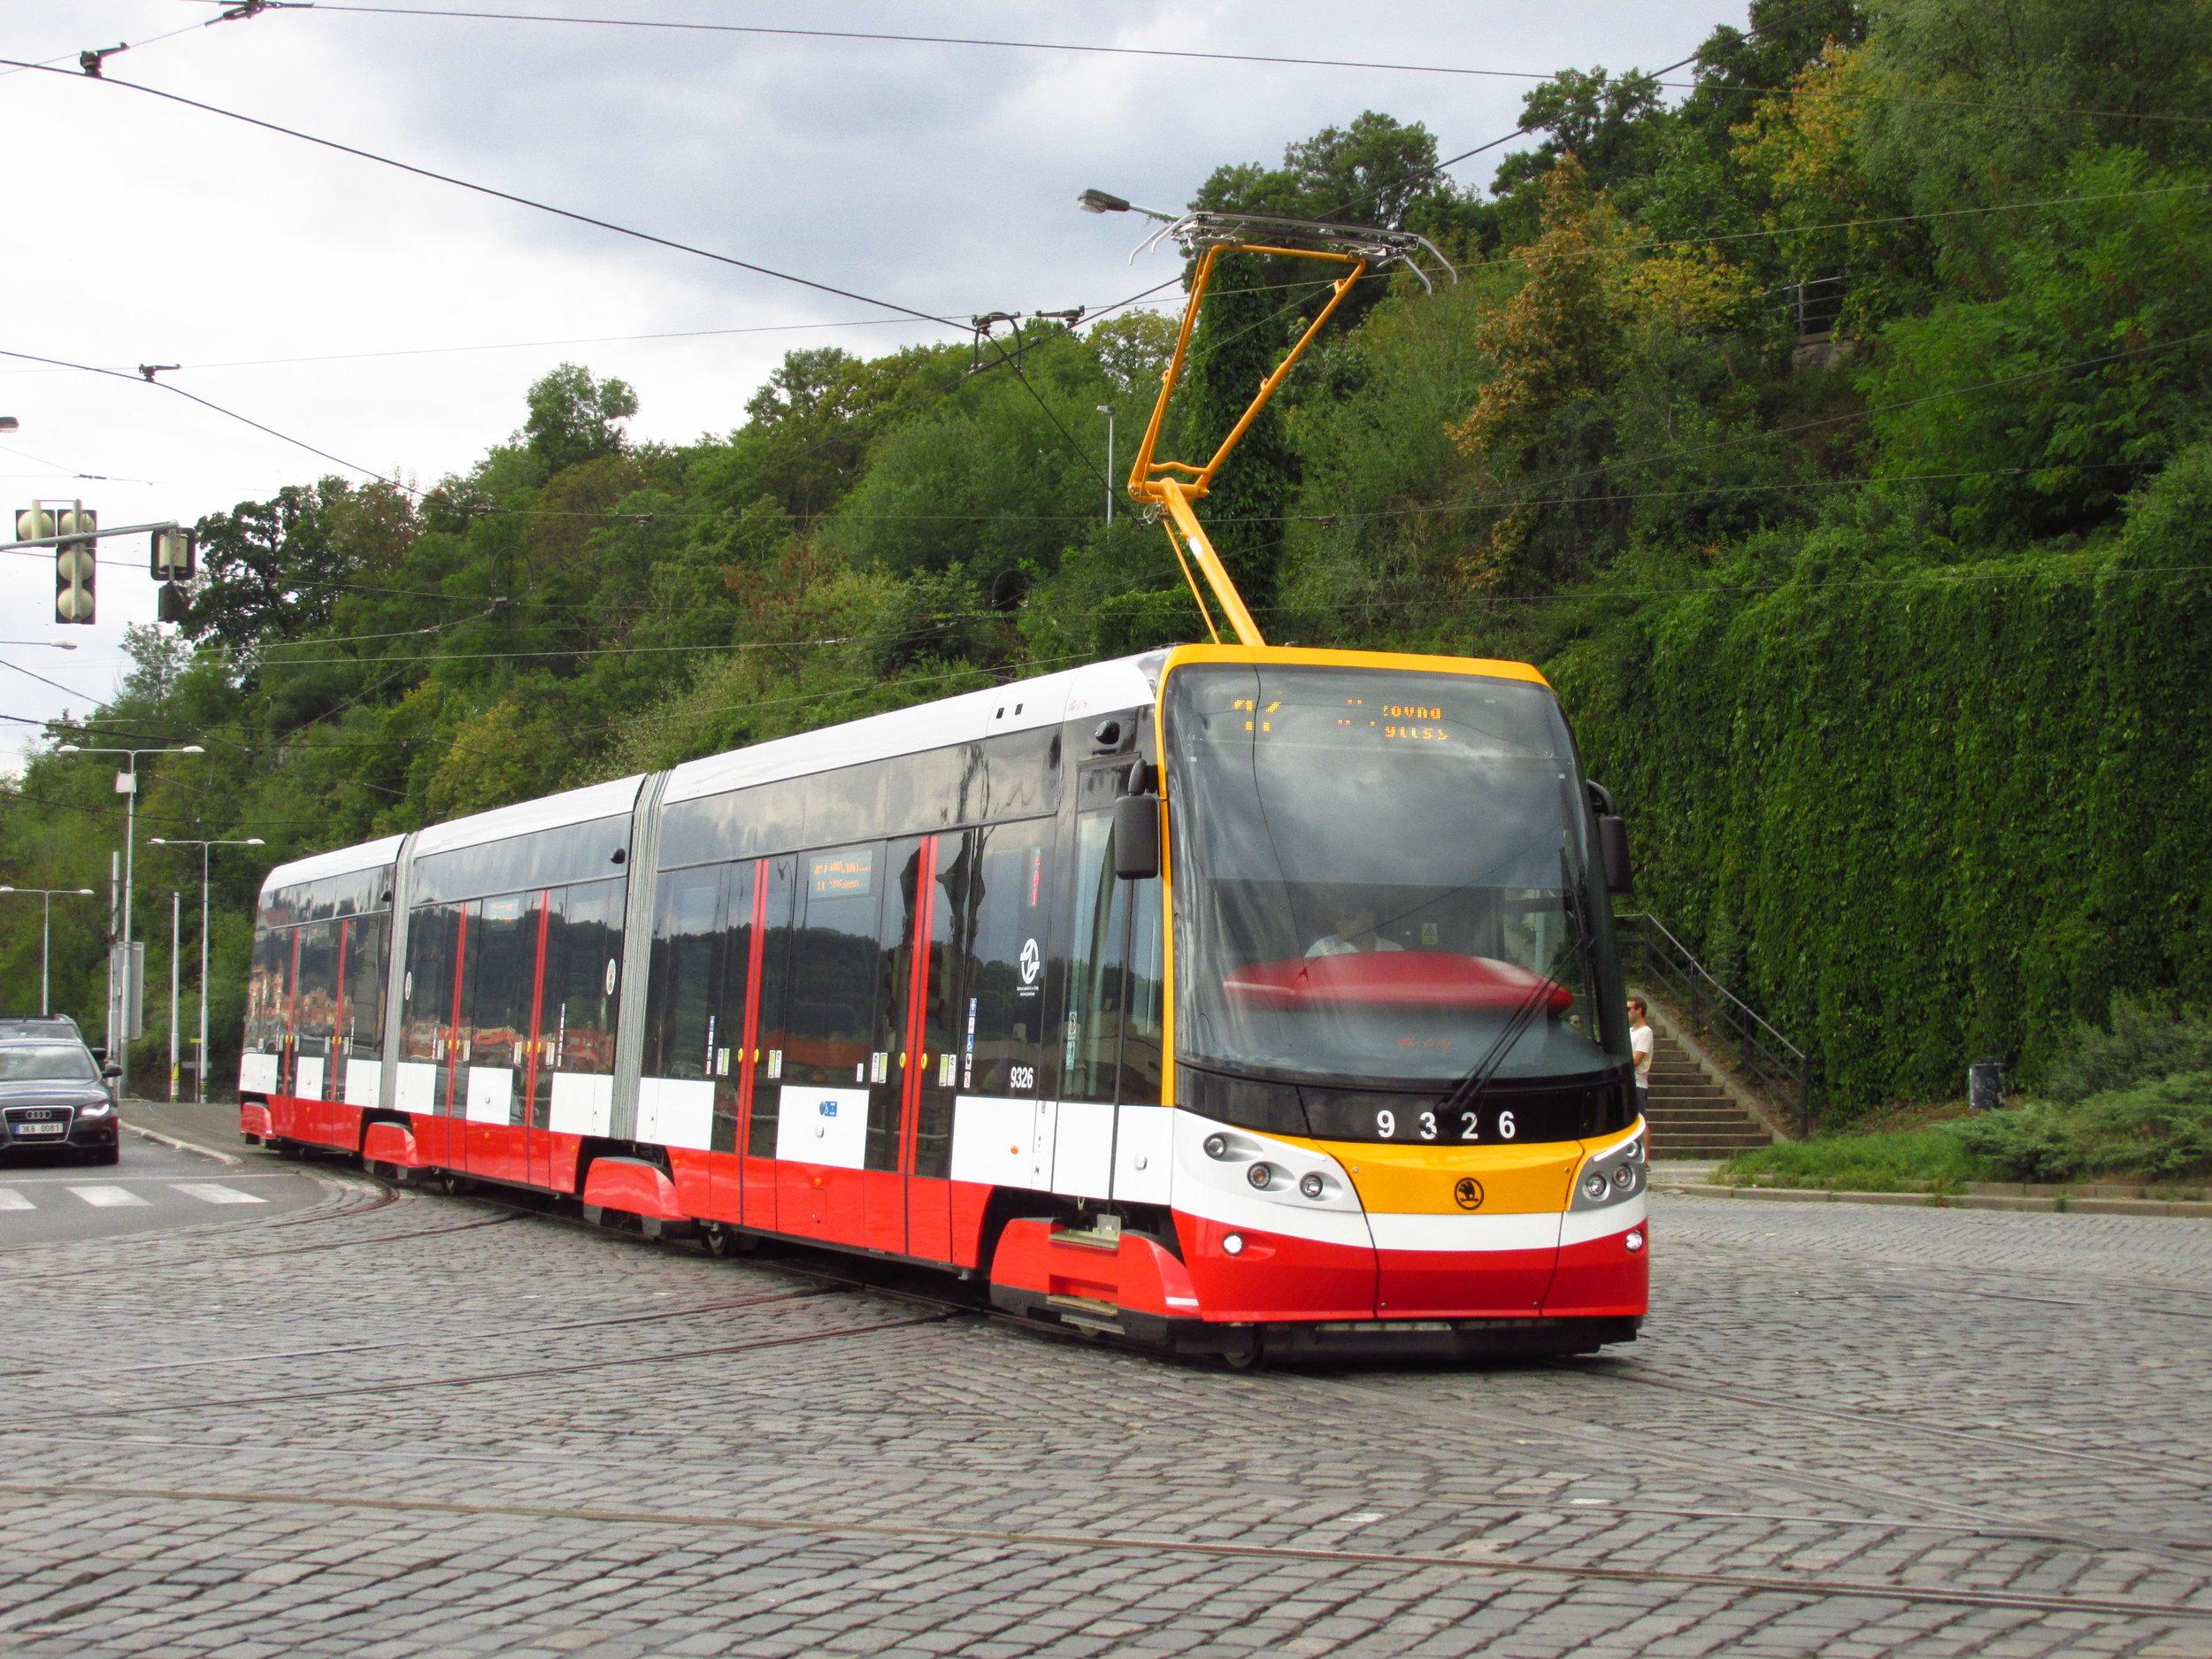 Dojde-li k realizaci tramvajové tratě do Libuše, vozidly 15T se zde Pražené v první etapě nesvezou. Navržena je totiž pouze úvraťová konečná, která bude vyžadovat nasazení obousměrných vozů. (foto: Ing. Filip Jiřík)